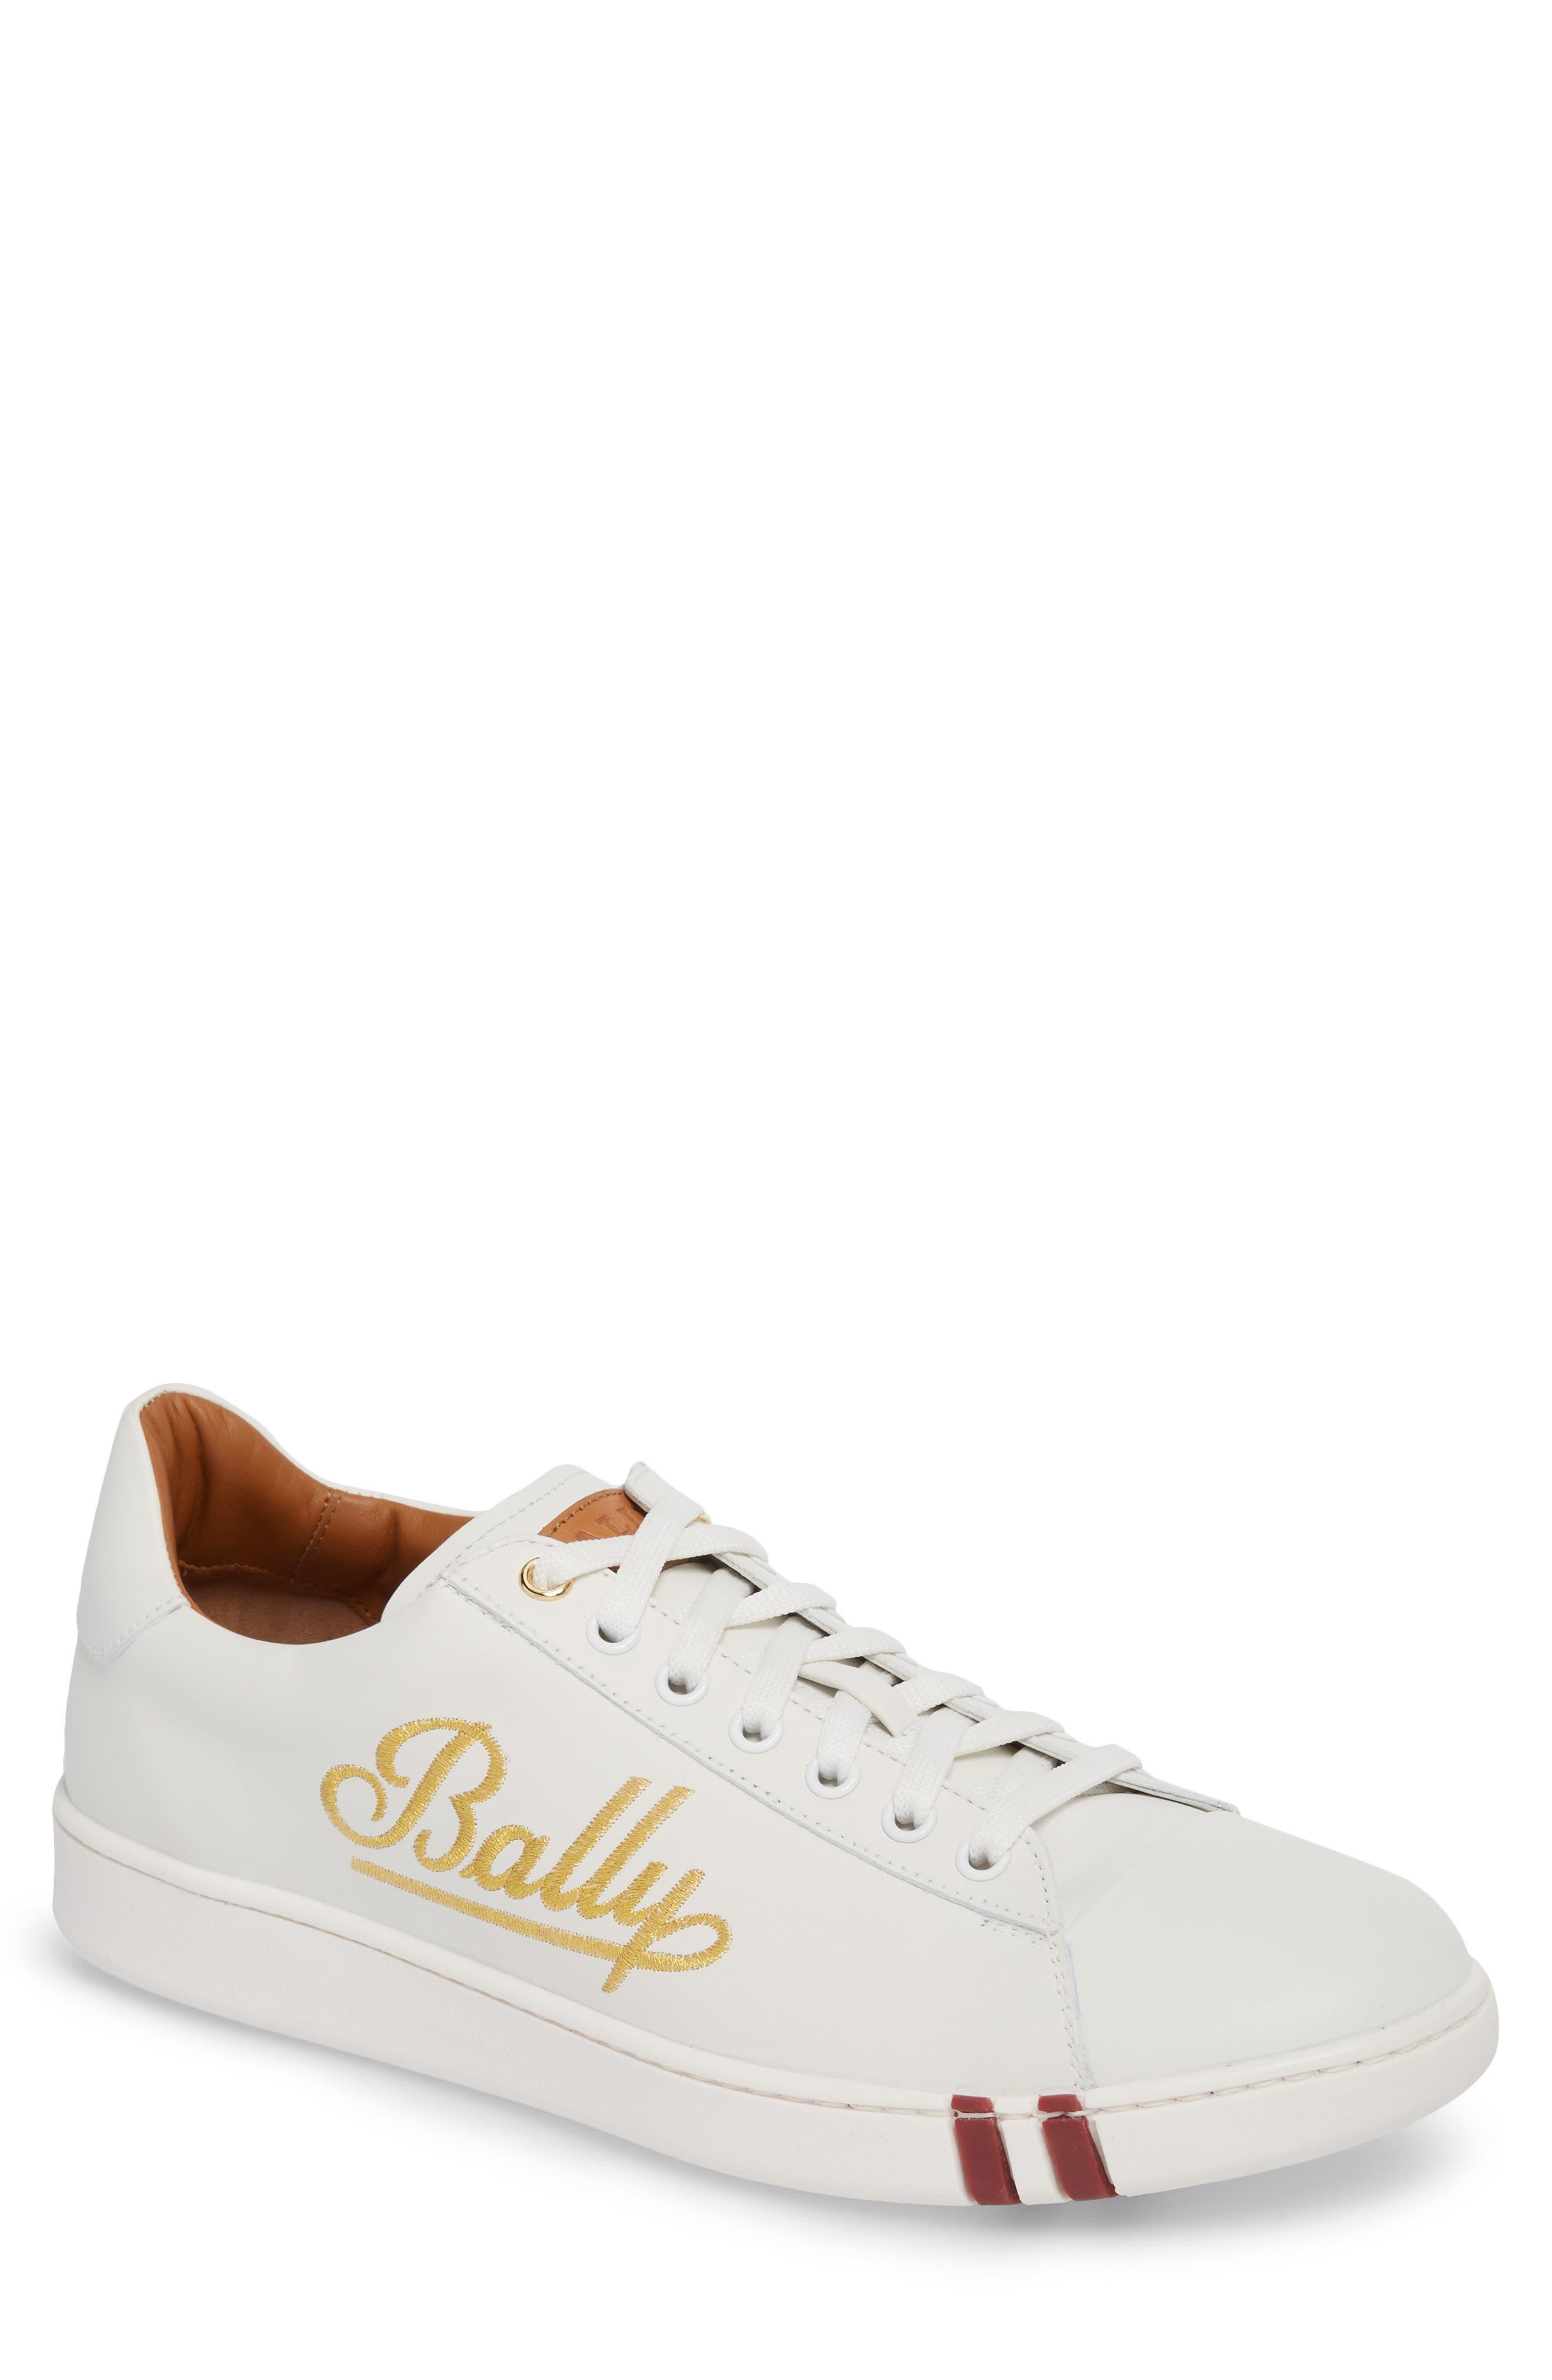 Bally Winston Low Top Sneaker (Men)